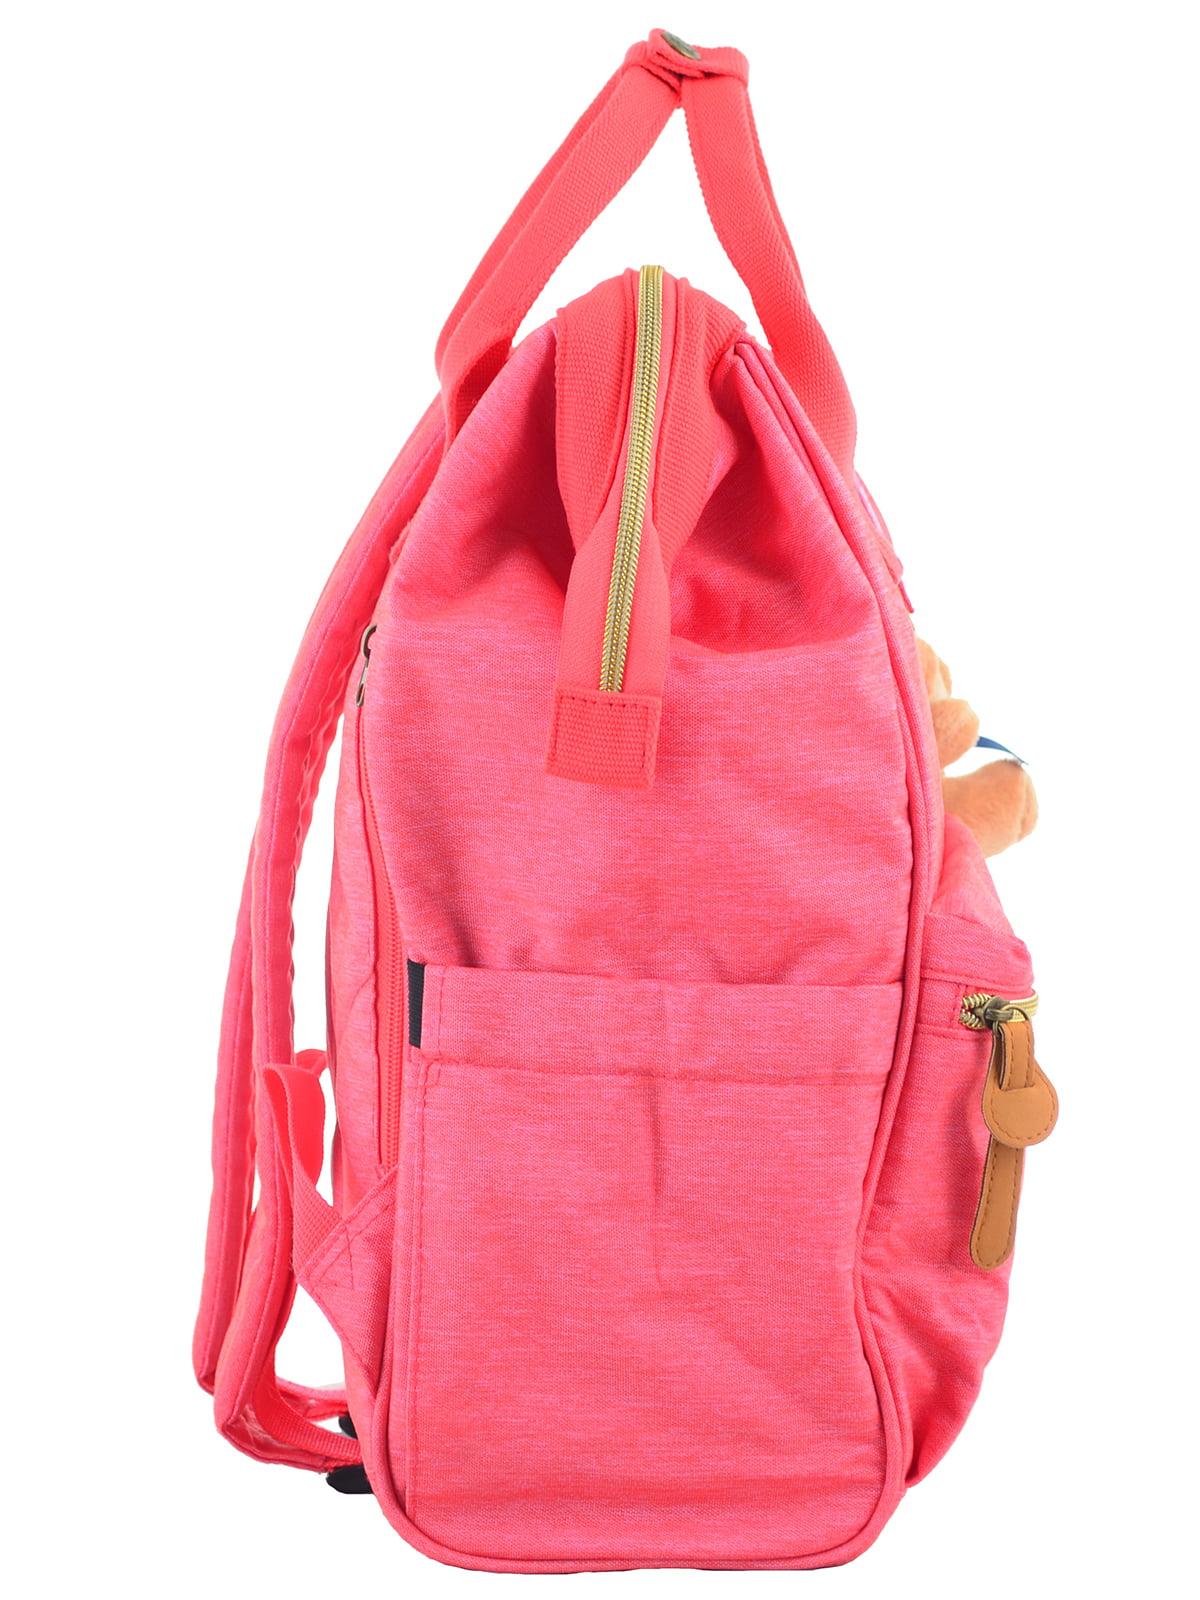 Рюкзак рожевий | 4214895 | фото 2